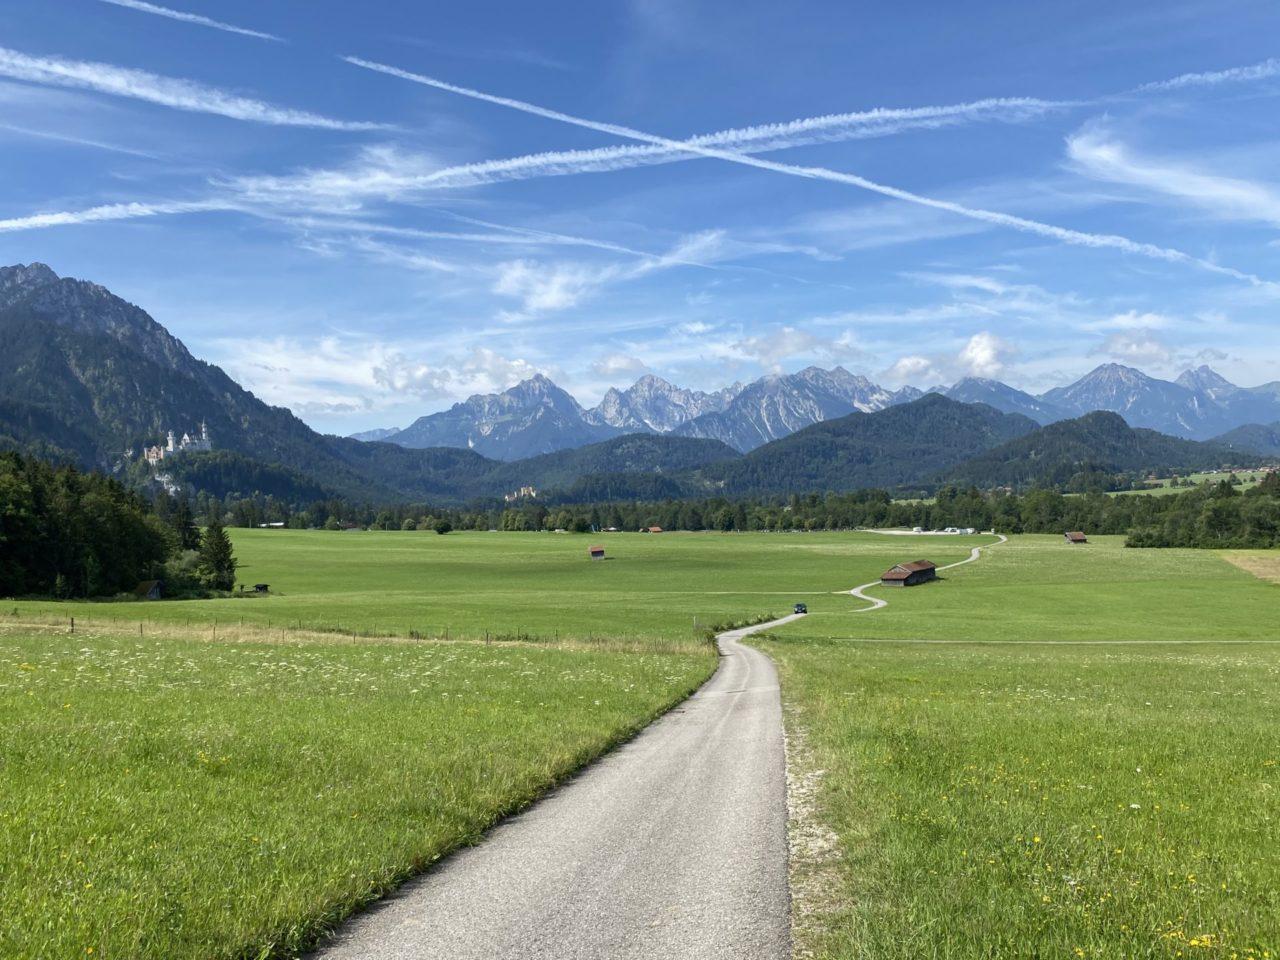 Ein Wanderweg mit Blick ins Grün und Berge